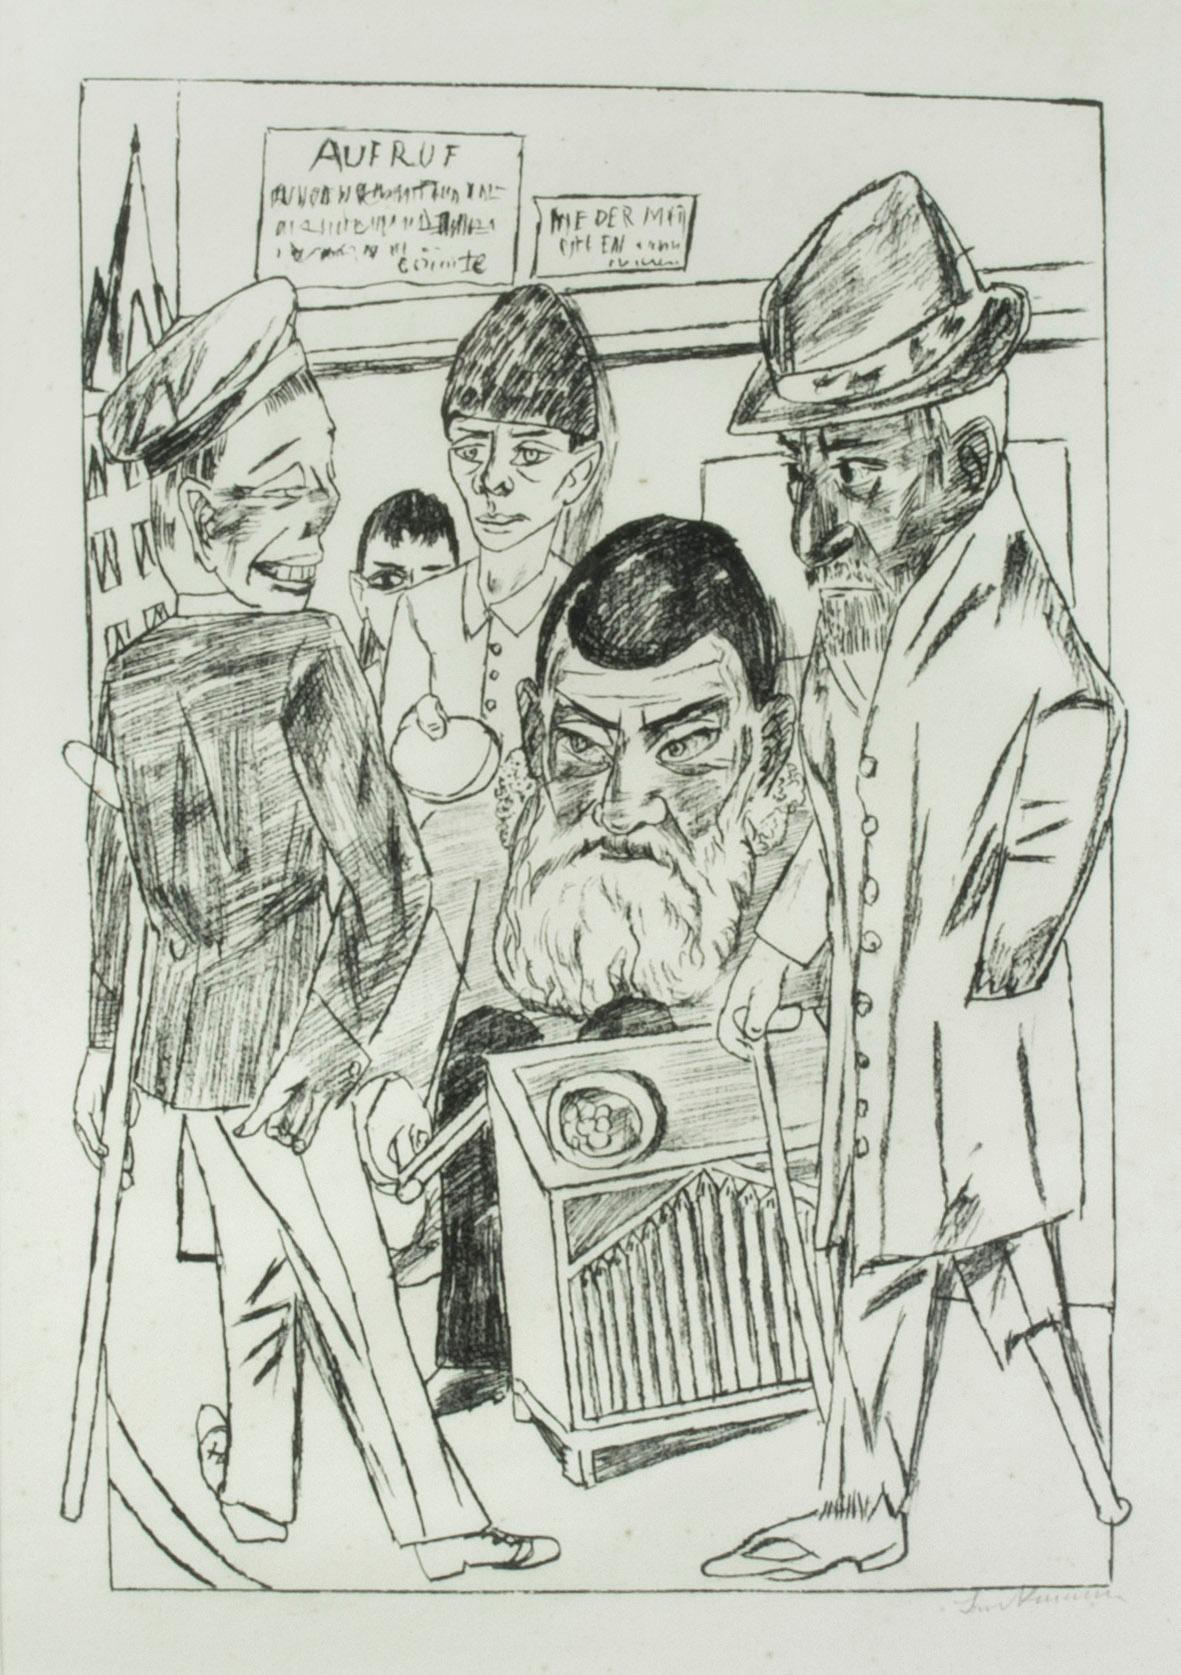 Die Bettler (The Beggars)